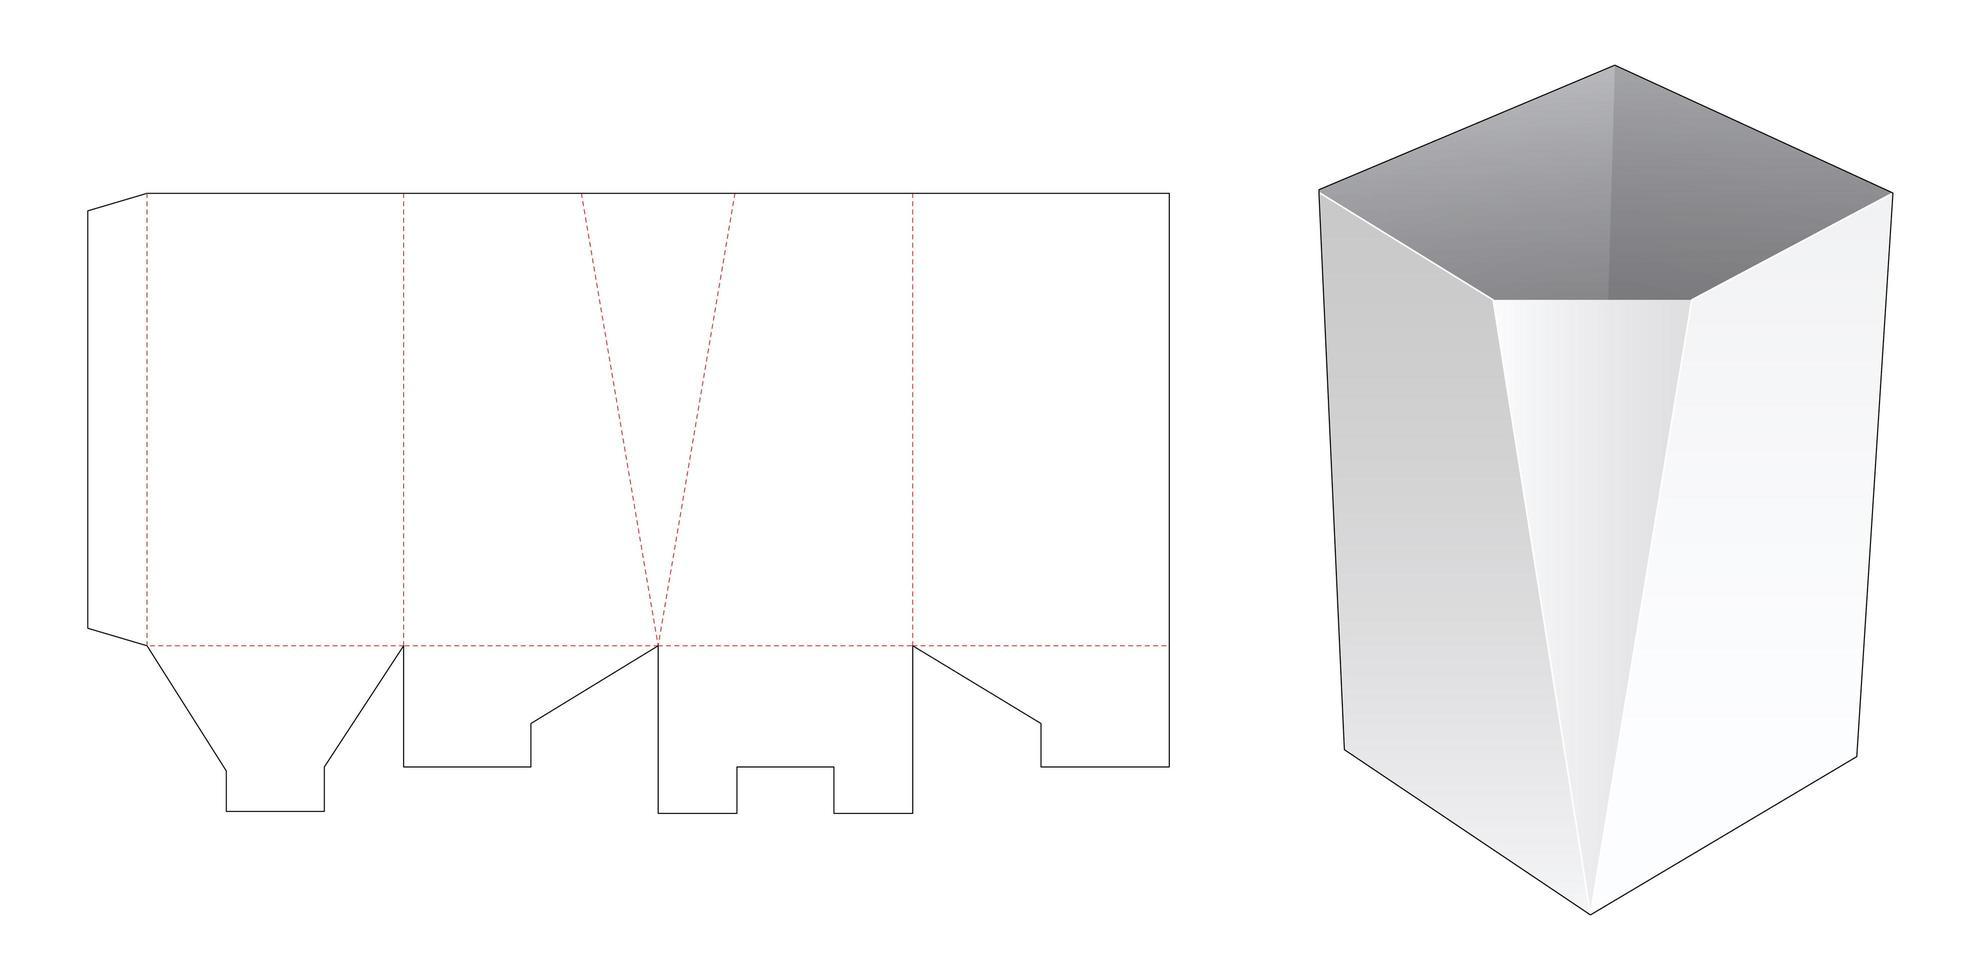 modelo de caixa de papelaria chanfrada vetor